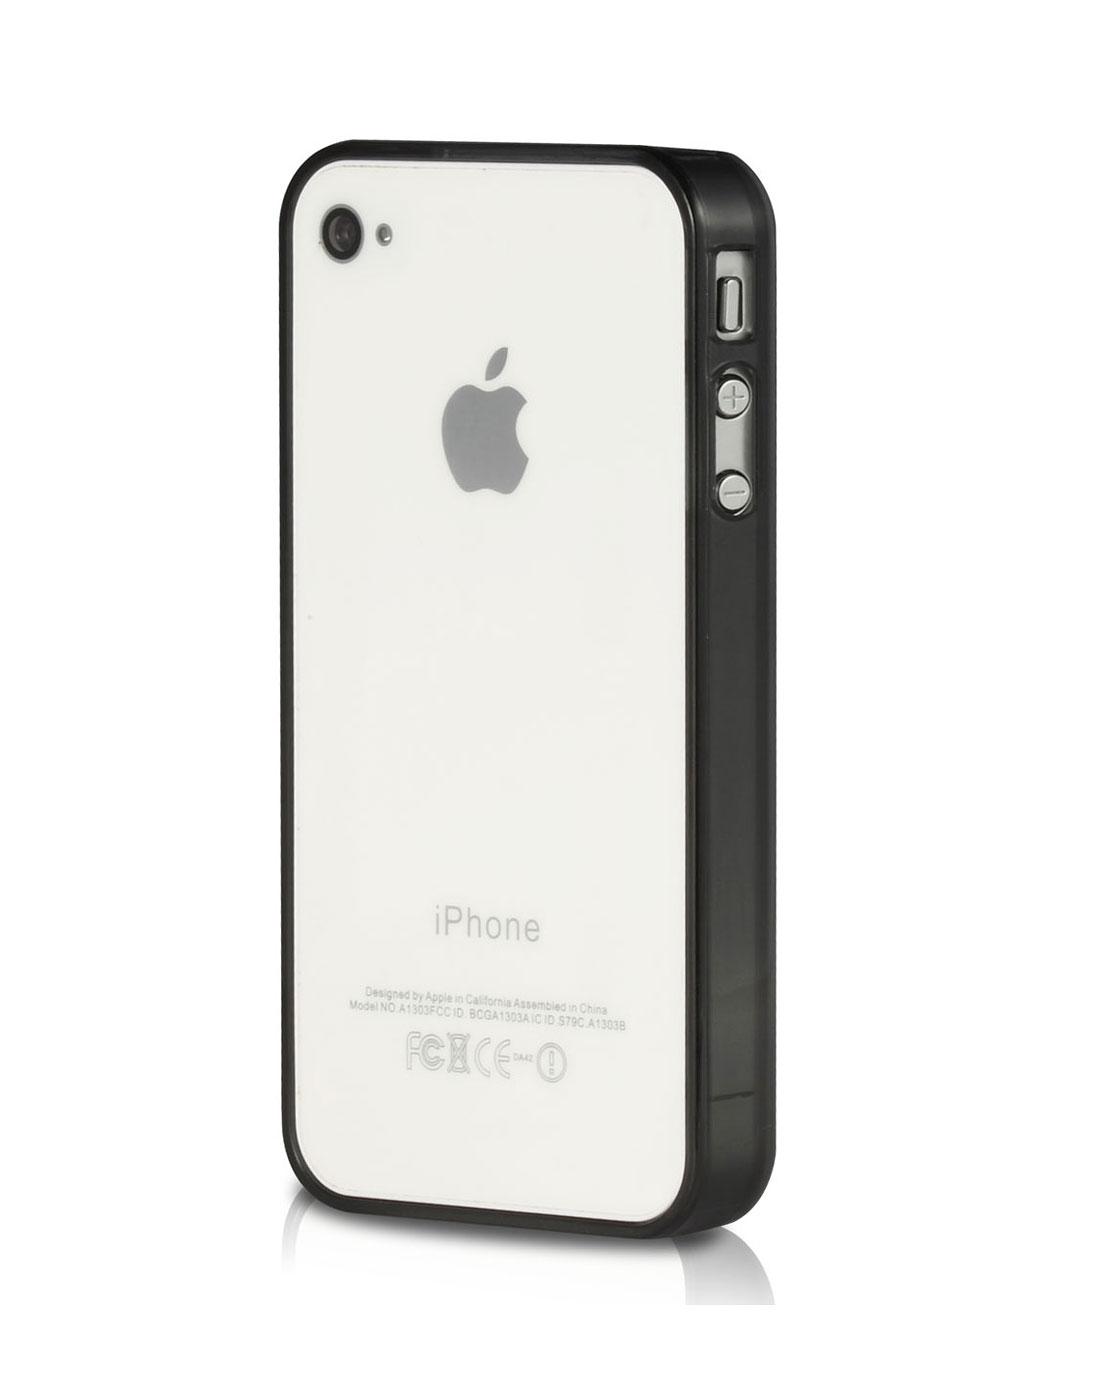 iphone4/4s黑色超薄透明边框手机壳